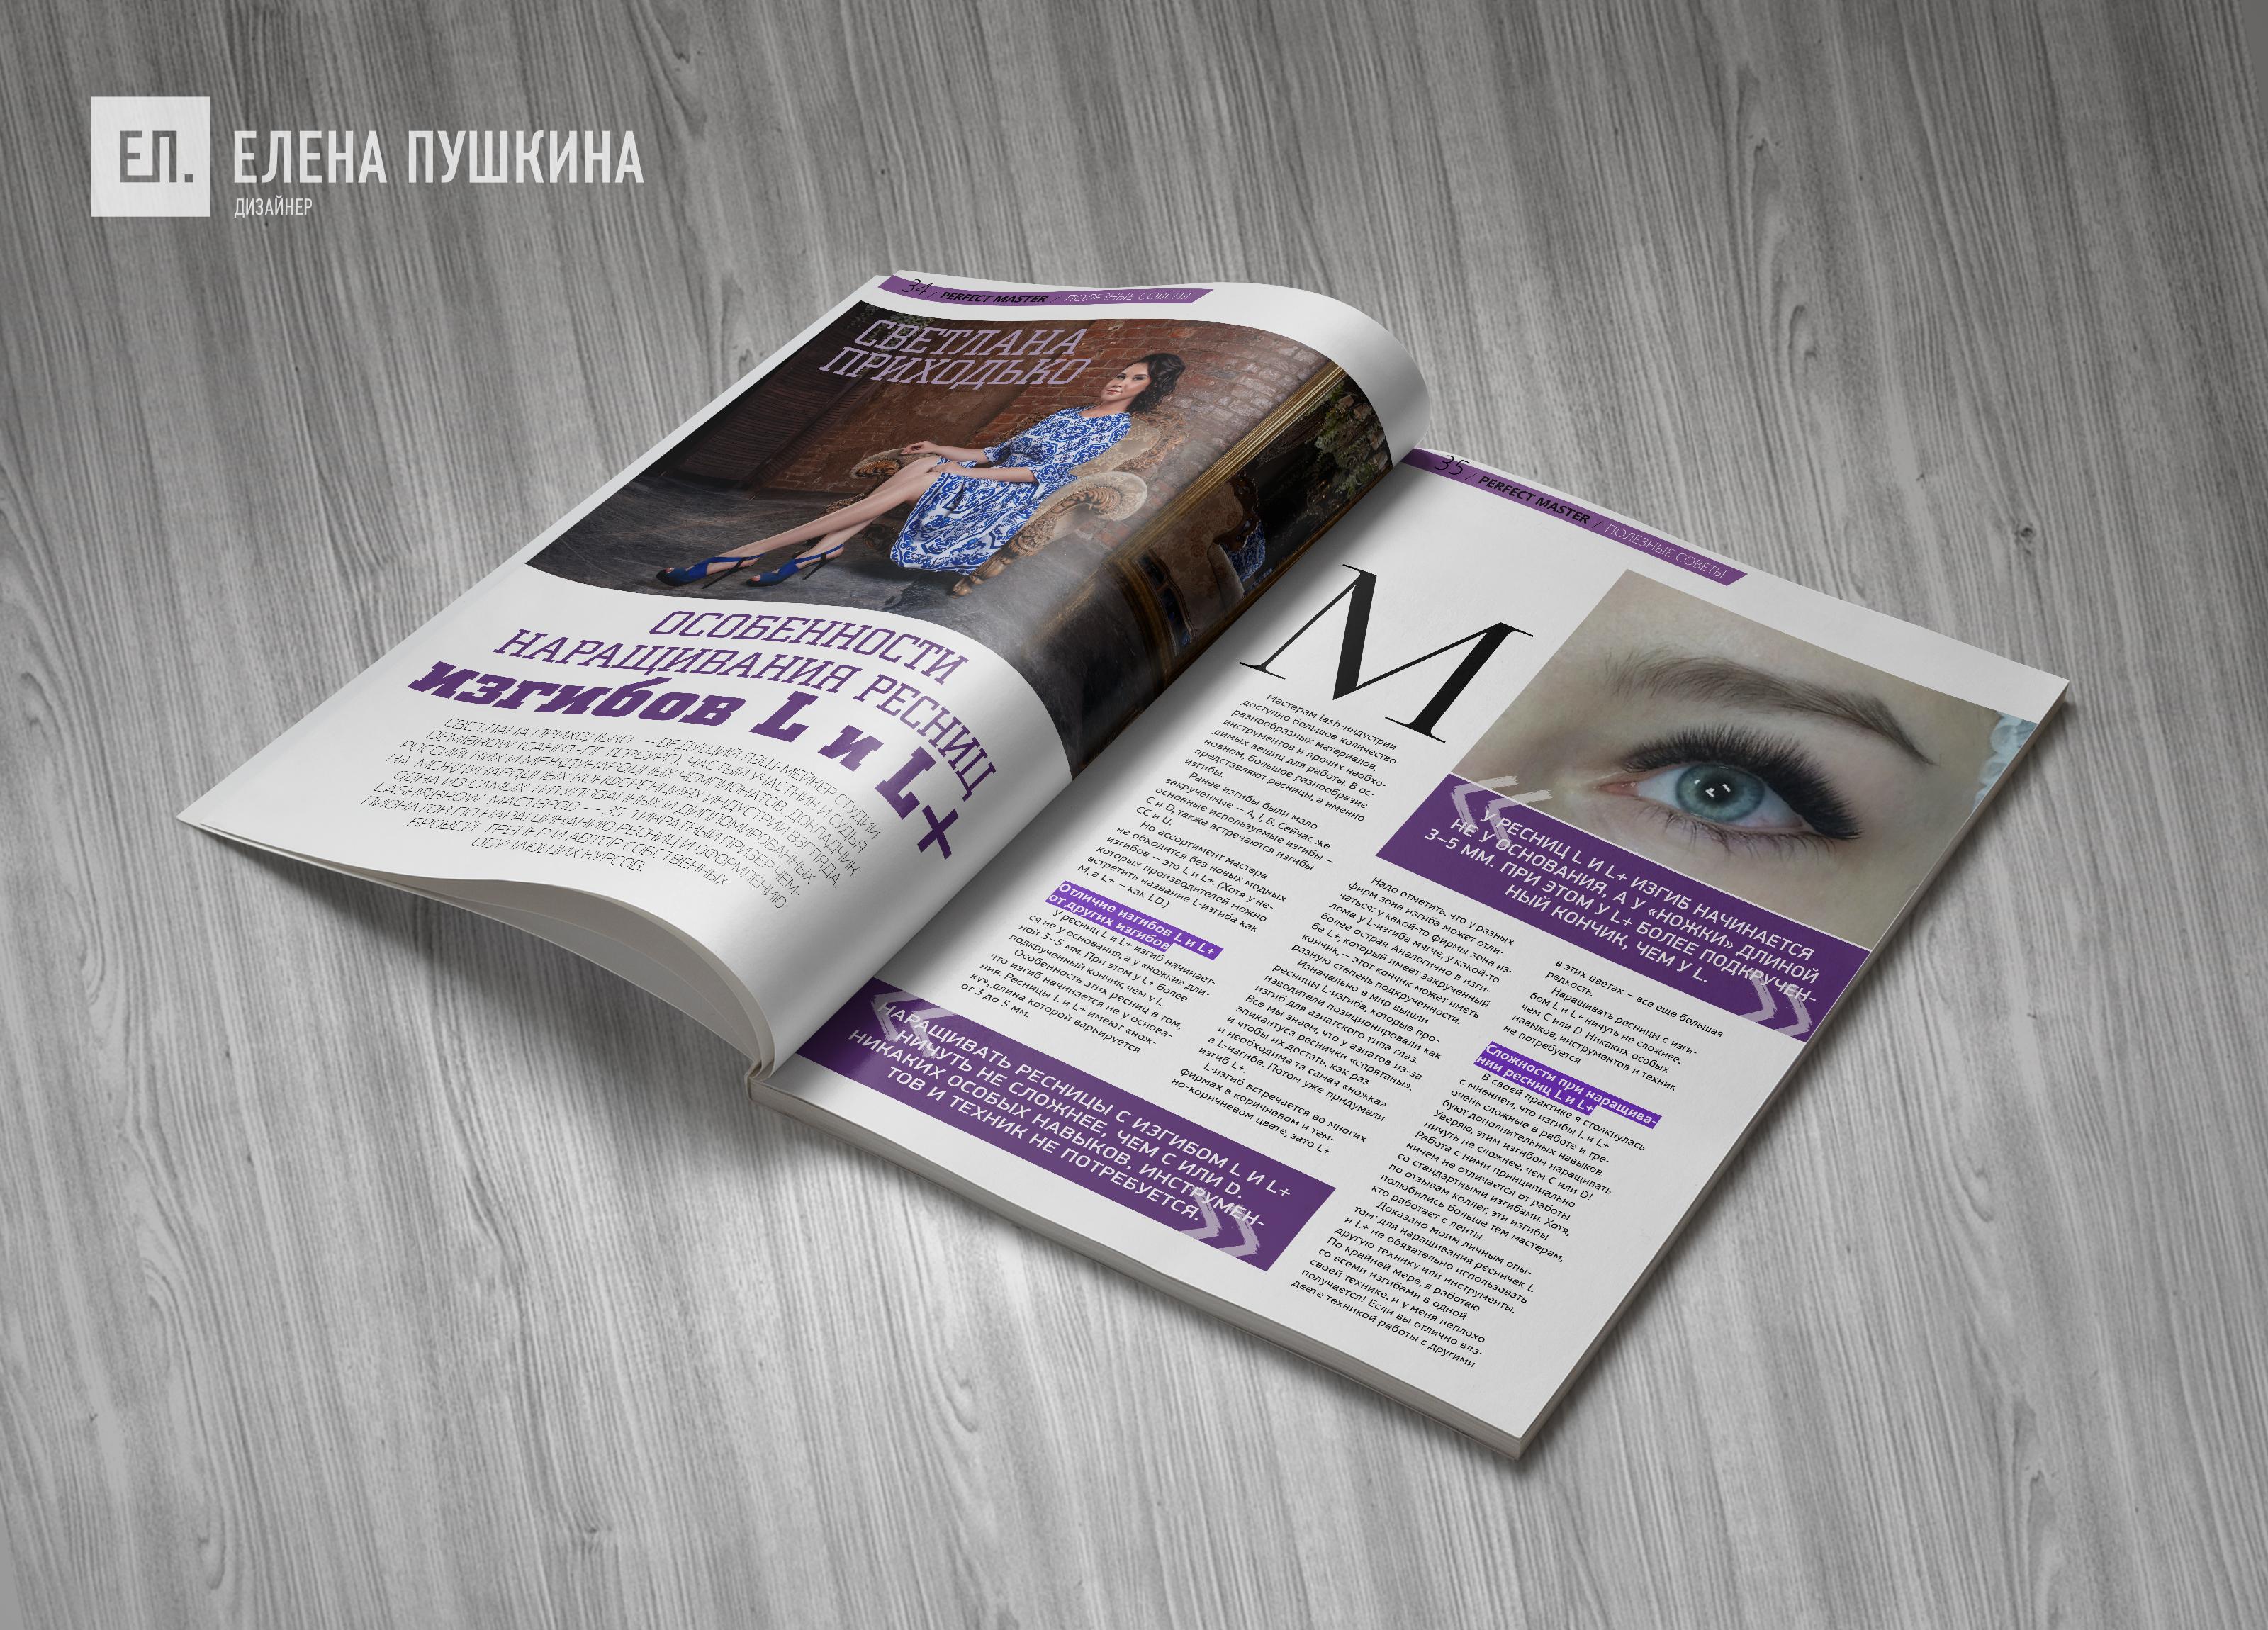 Глянцевый журнал «PERFECT MASTER» №8январь 2017 — разработка с«нуля» логотипа, обложки, макета ивёрстка журнала Разработка журналов Портфолио